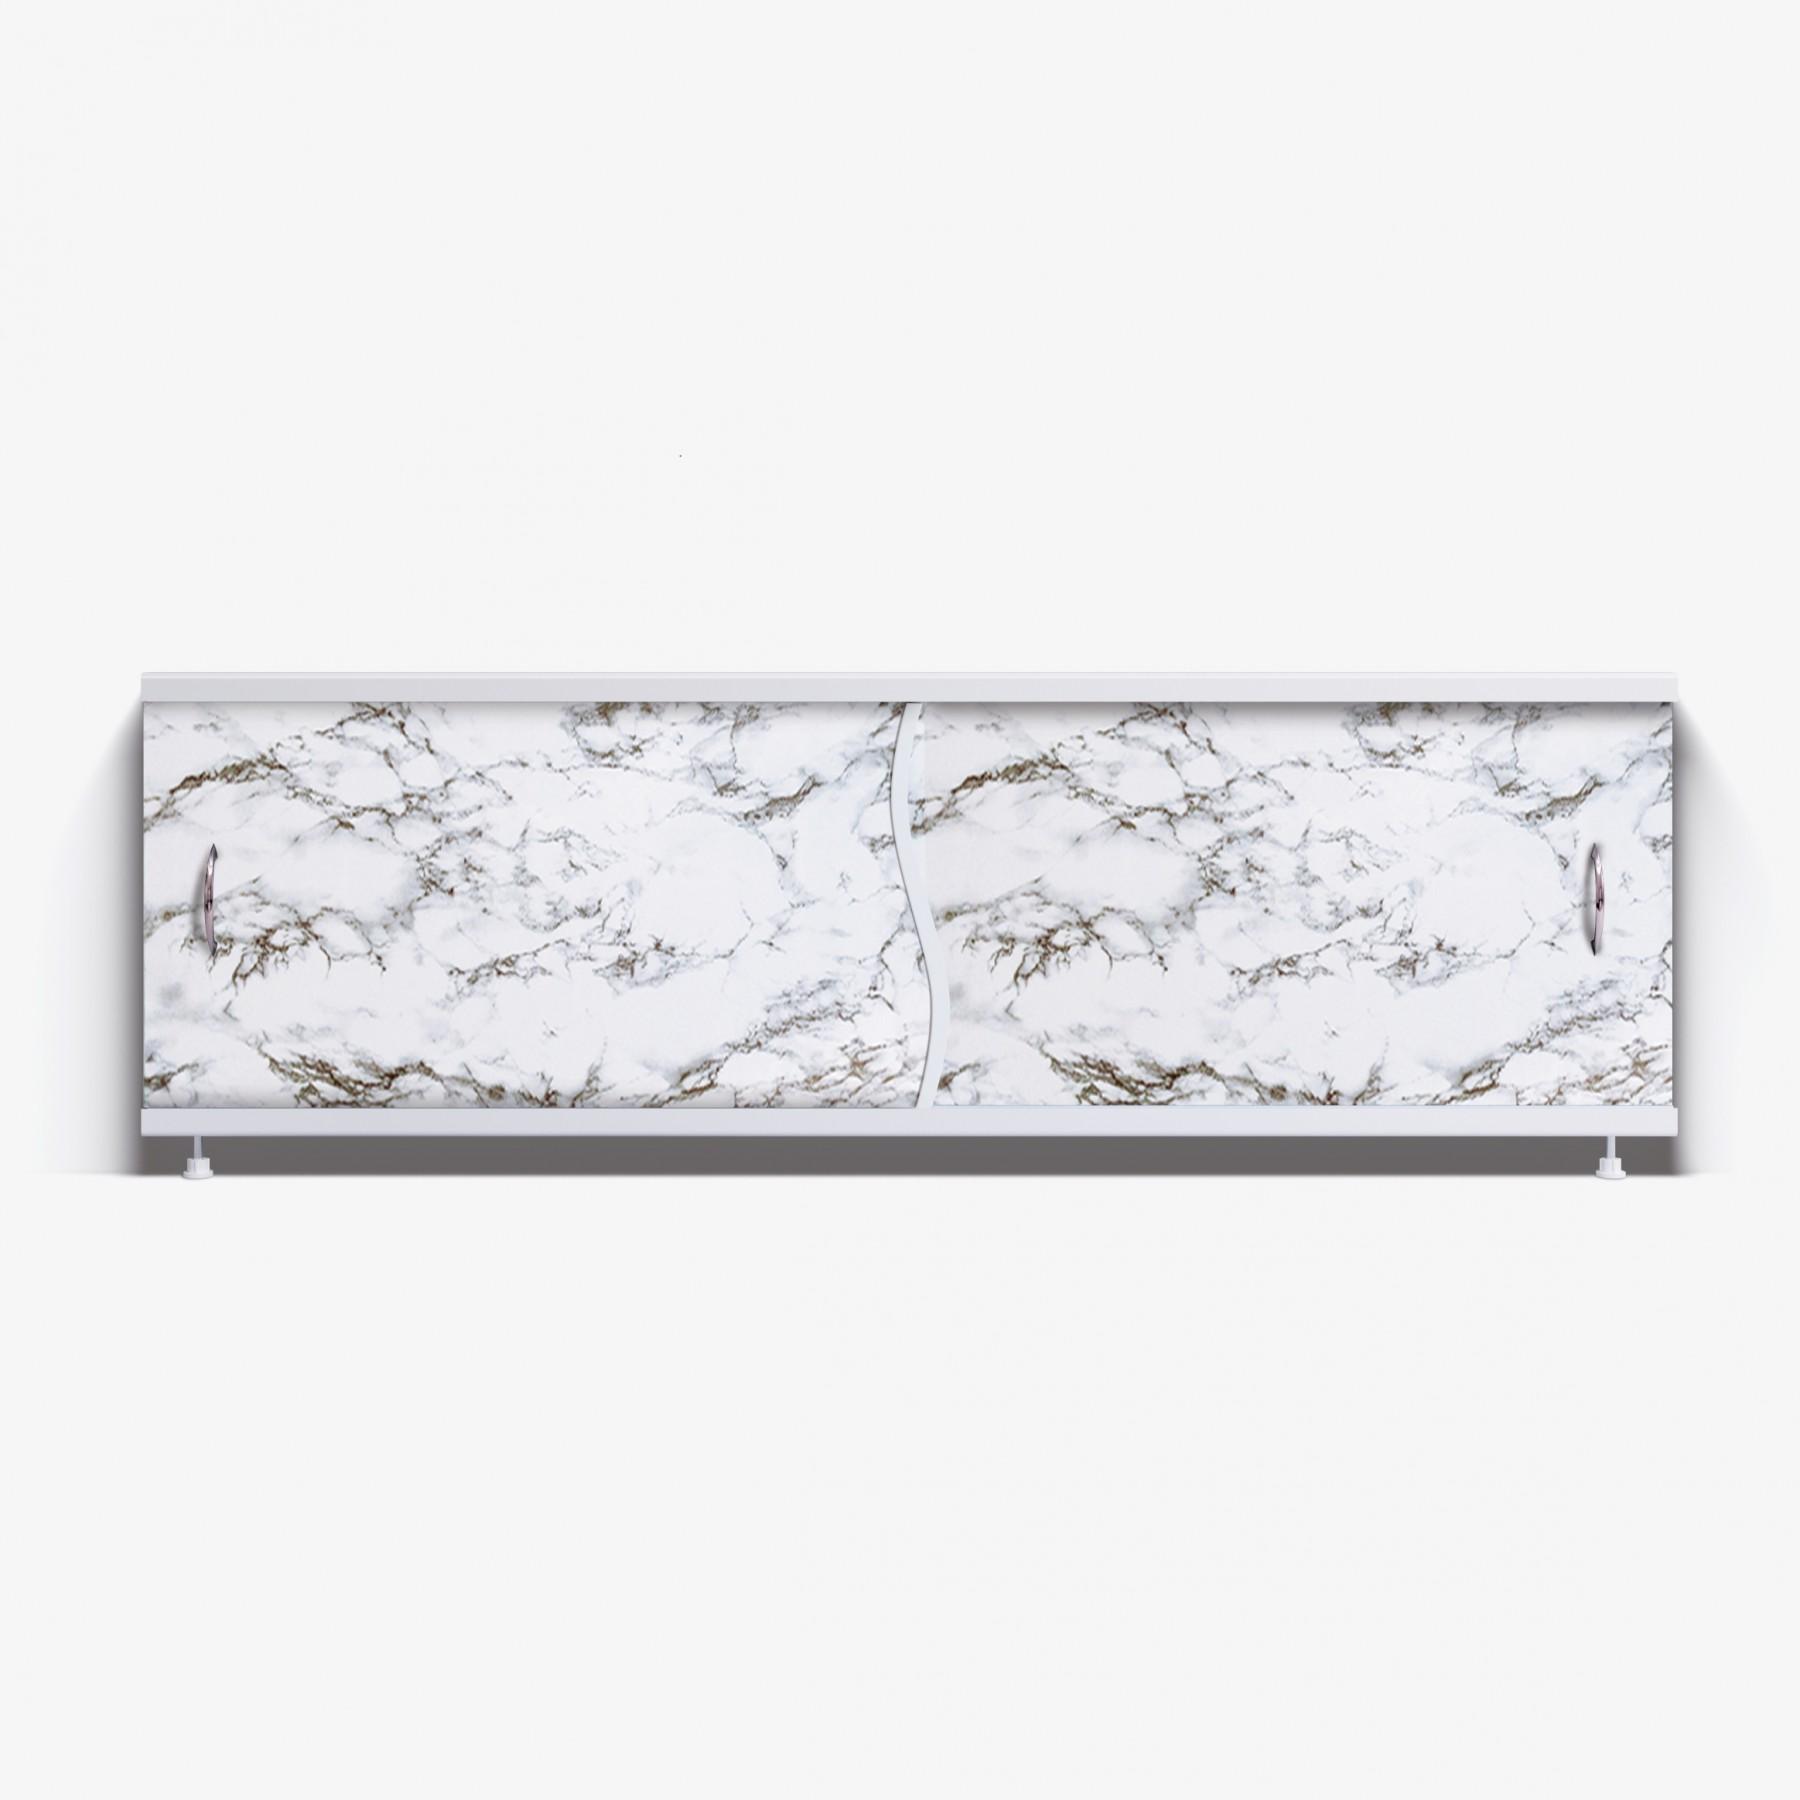 Экран под ванну Премьер 150 черно-белый мрамор